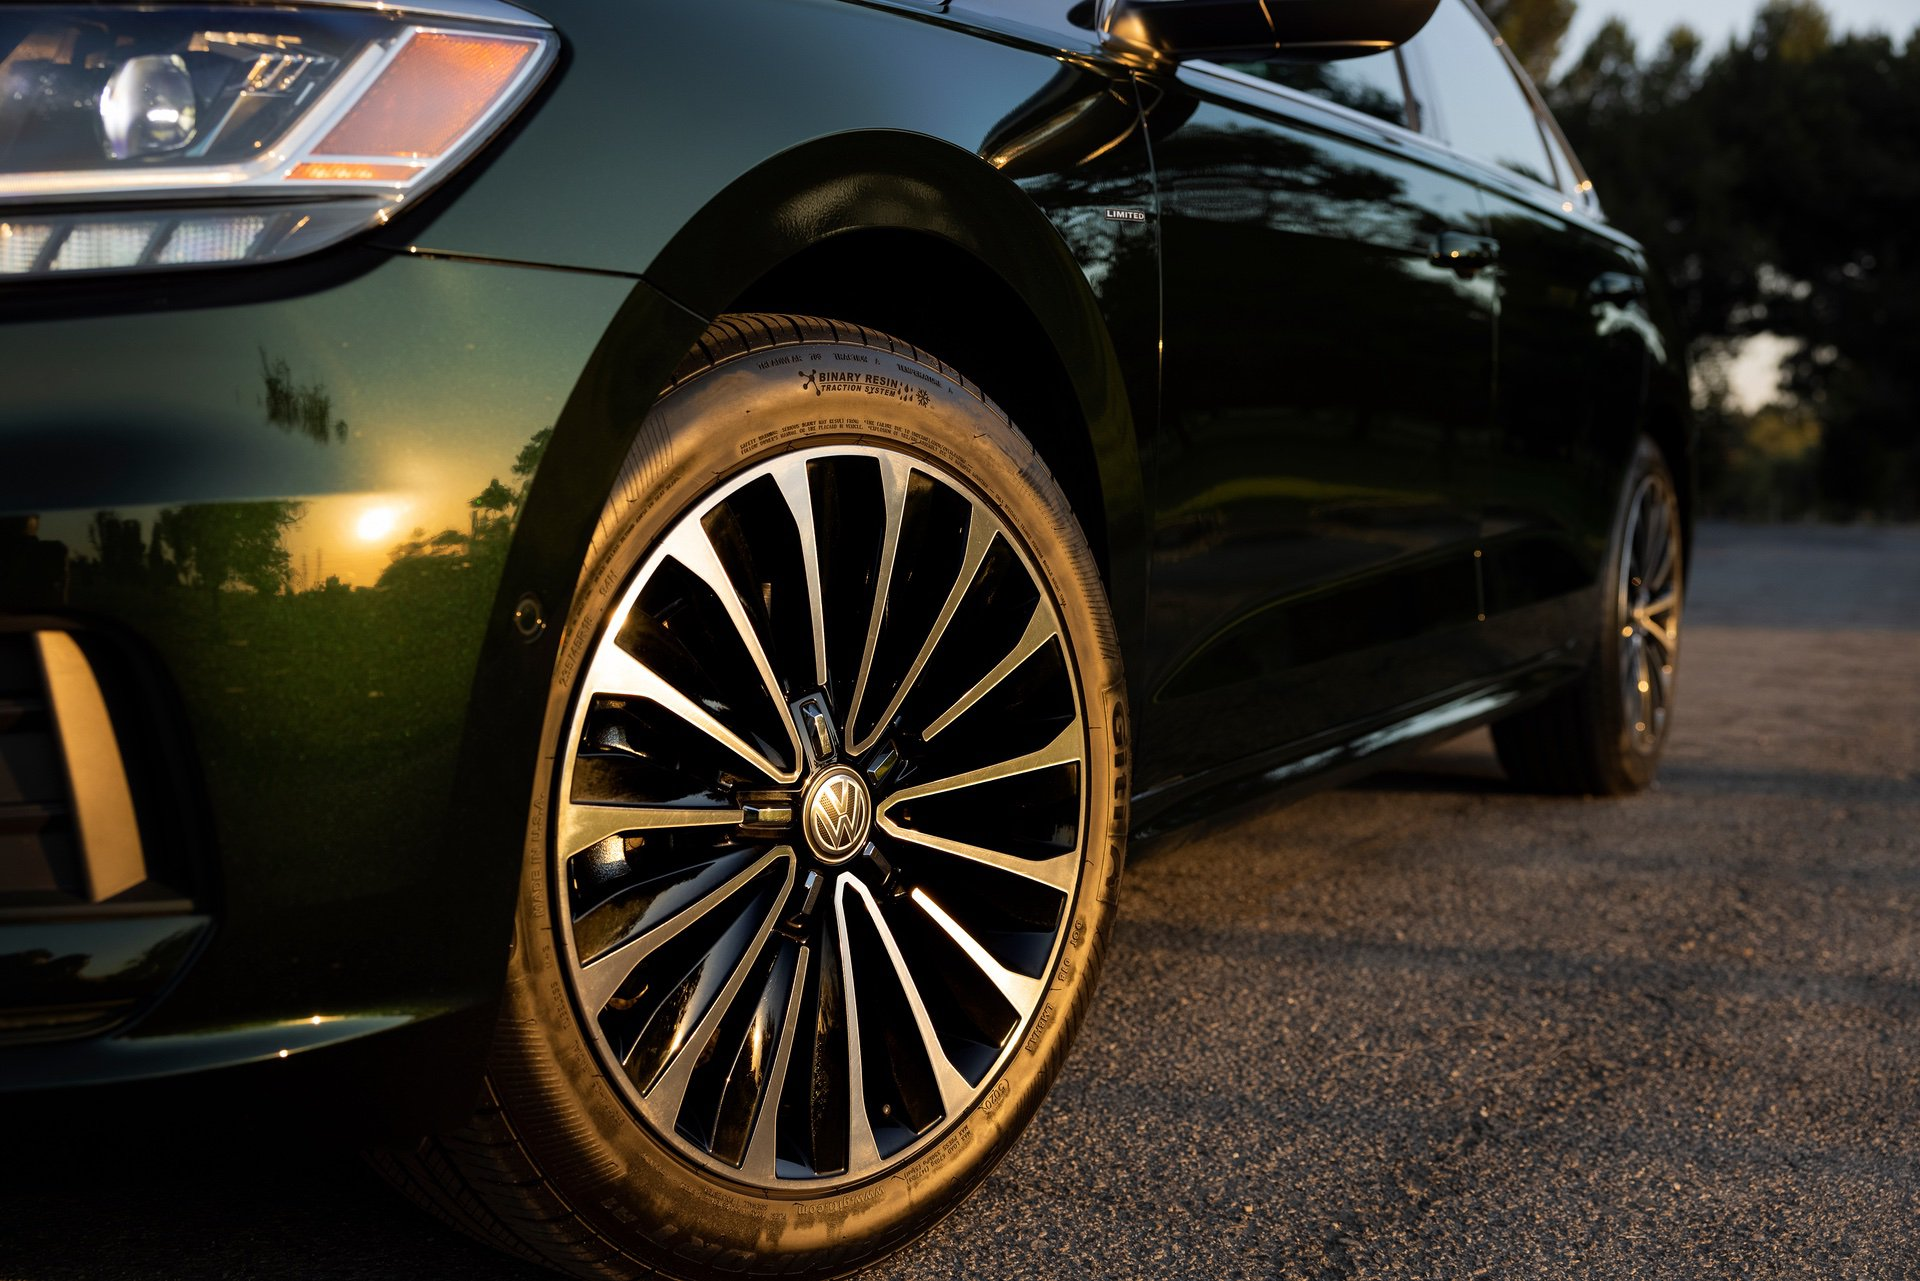 VW_Passat_Limited_Edition_US_spec-0007